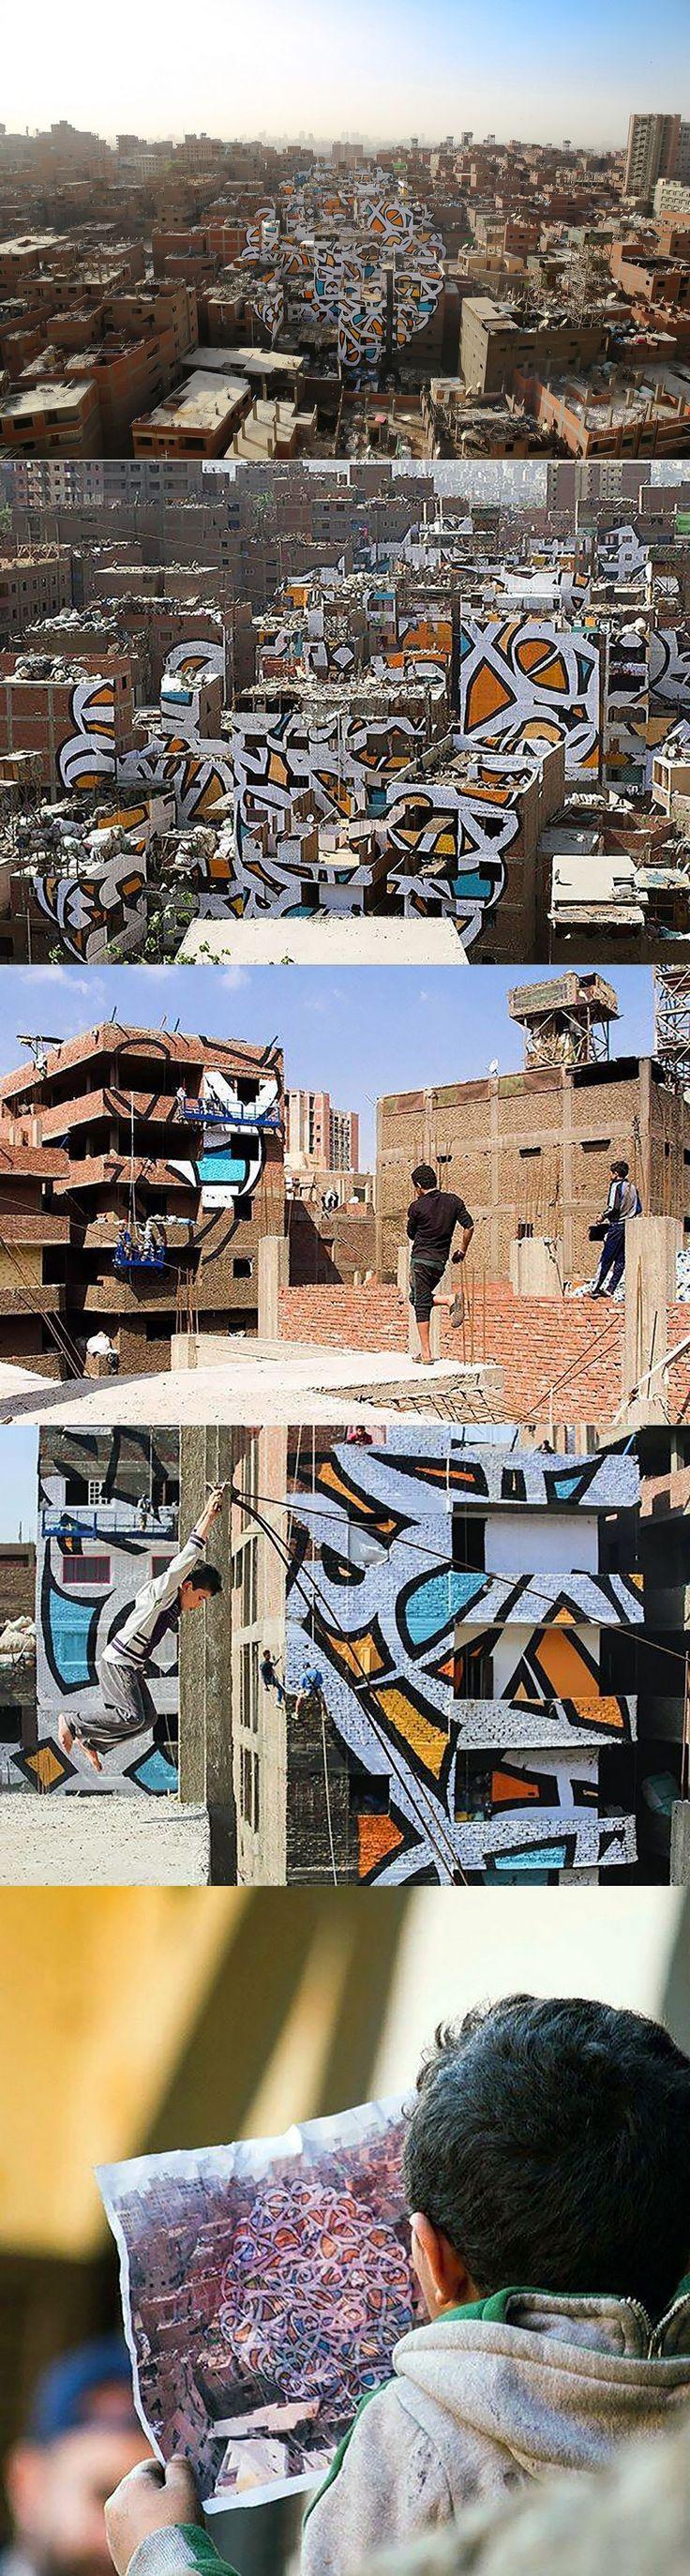 """""""Perception"""" by eL Seed in Cairo, Egypt: Arabische tekst """"om het zonlicht te zien, moet je eerst je ogen uitwrijven"""""""